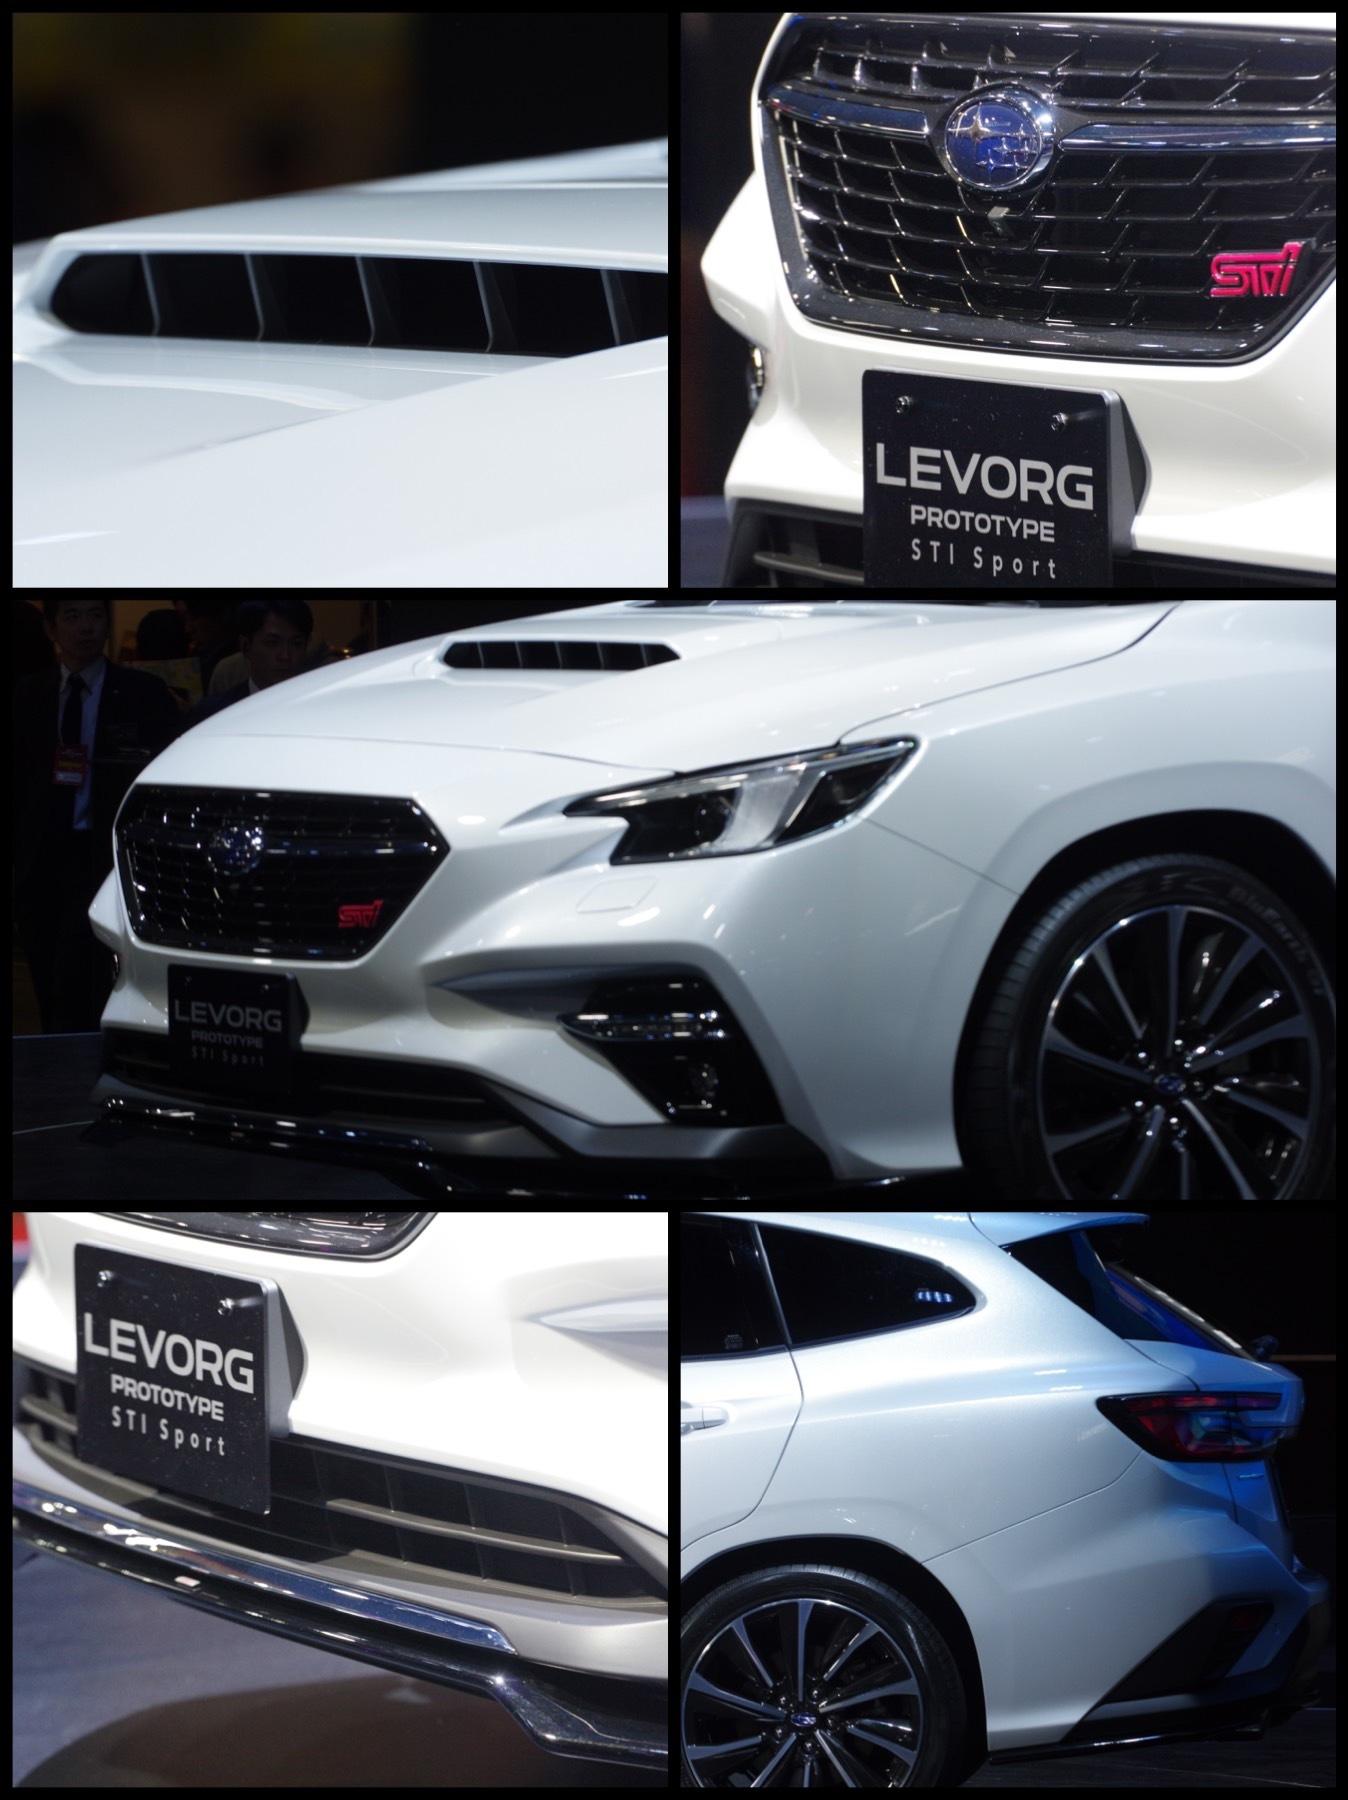 東京オートサロン2020 スバル新型レヴォーグ プロトタイプ STI Sport